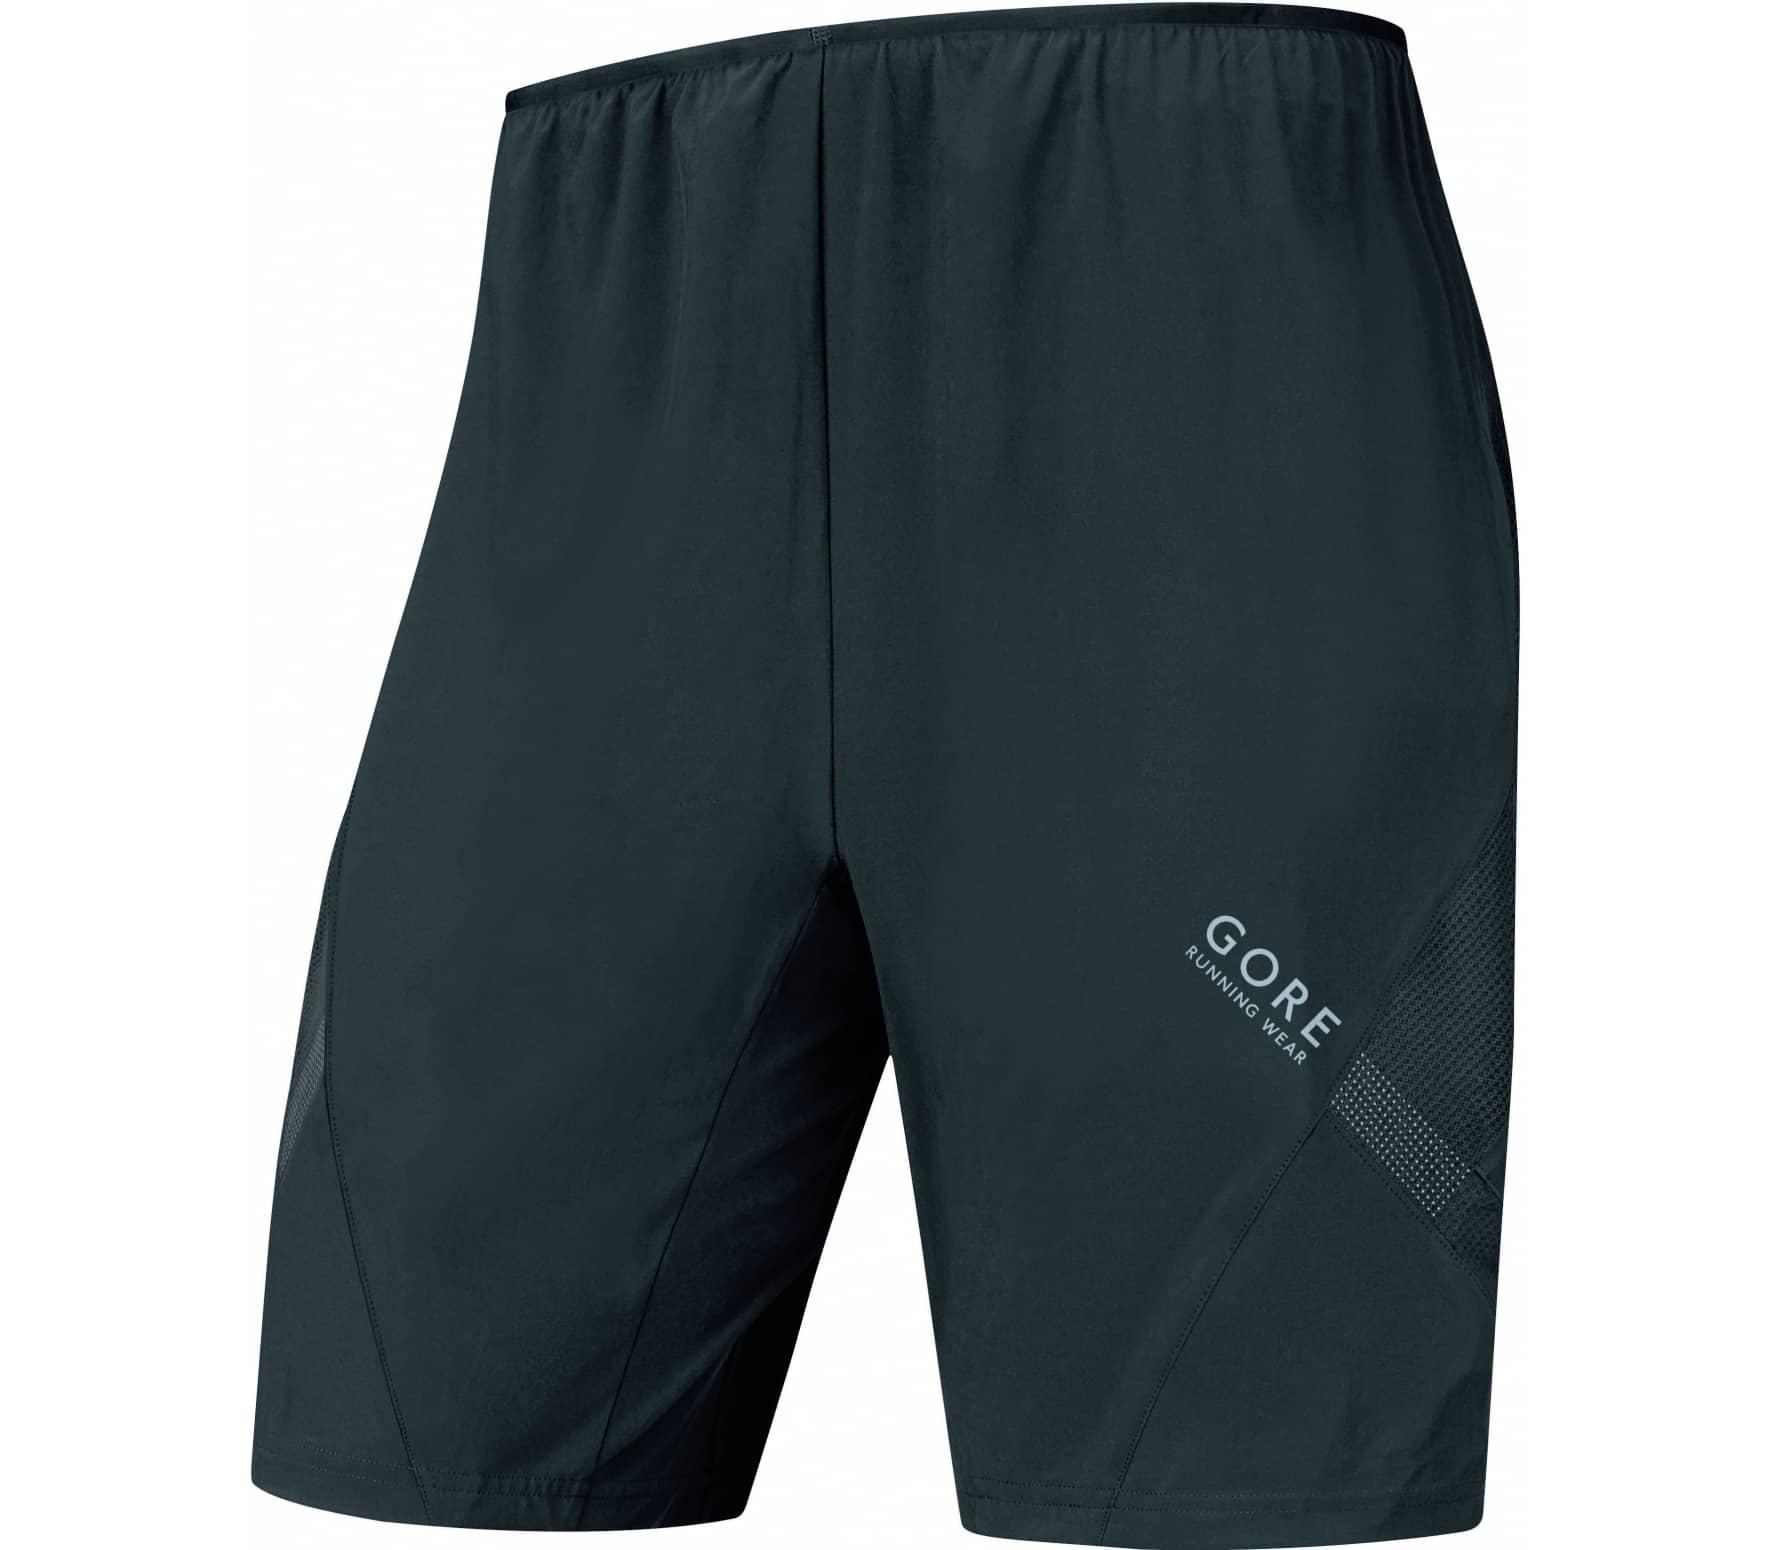 GORE® Wear GORE Wear® - Air 2in1 Herr Shorts (black) - M